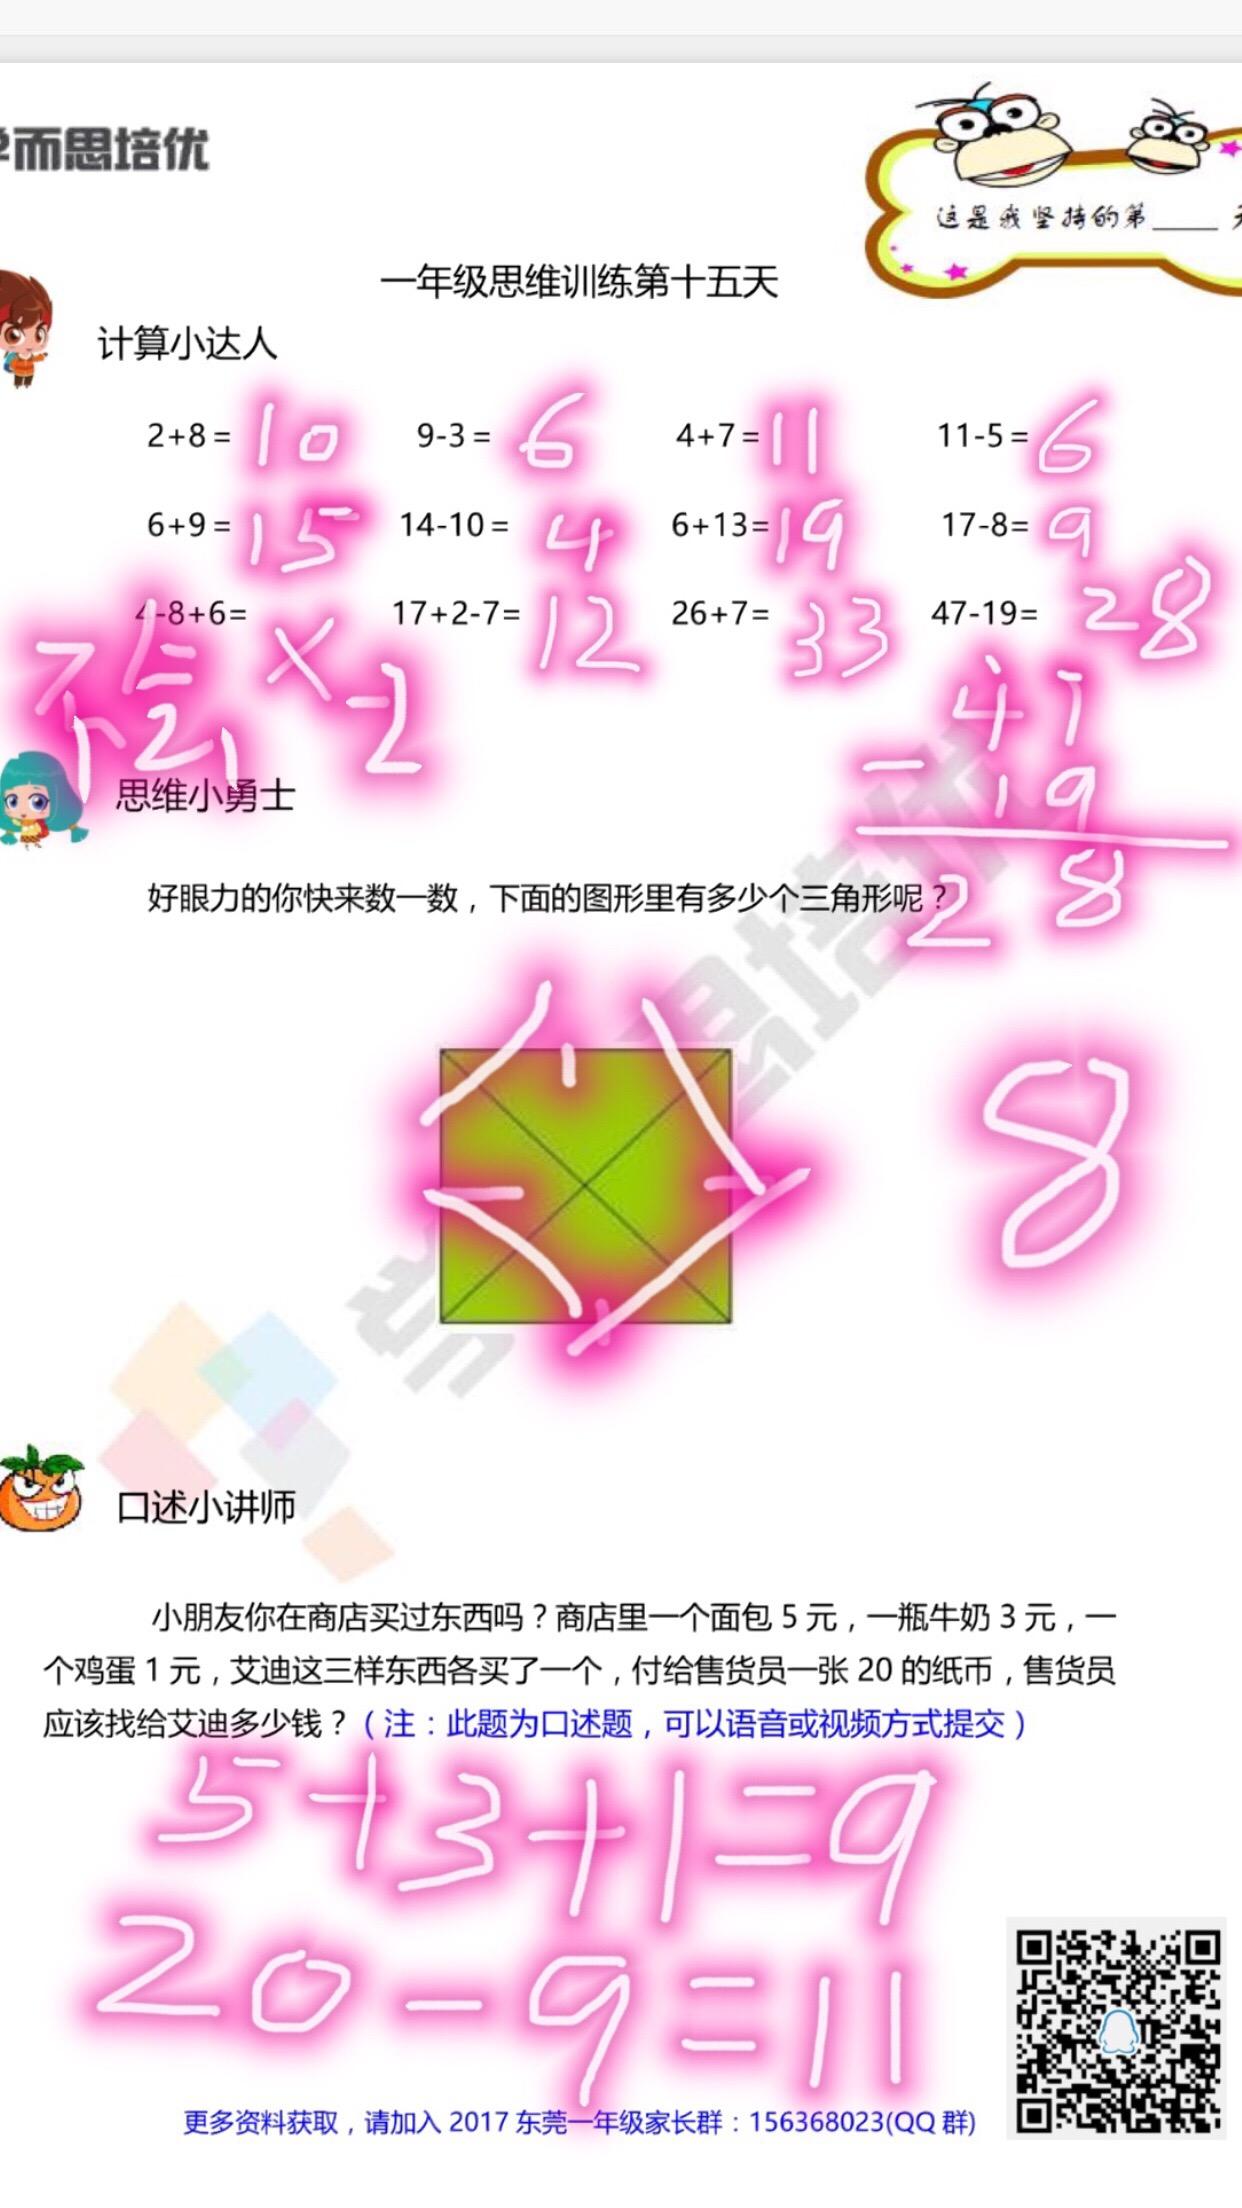 095C445E-10E2-466C-8850-49E003C70AA9.jpg